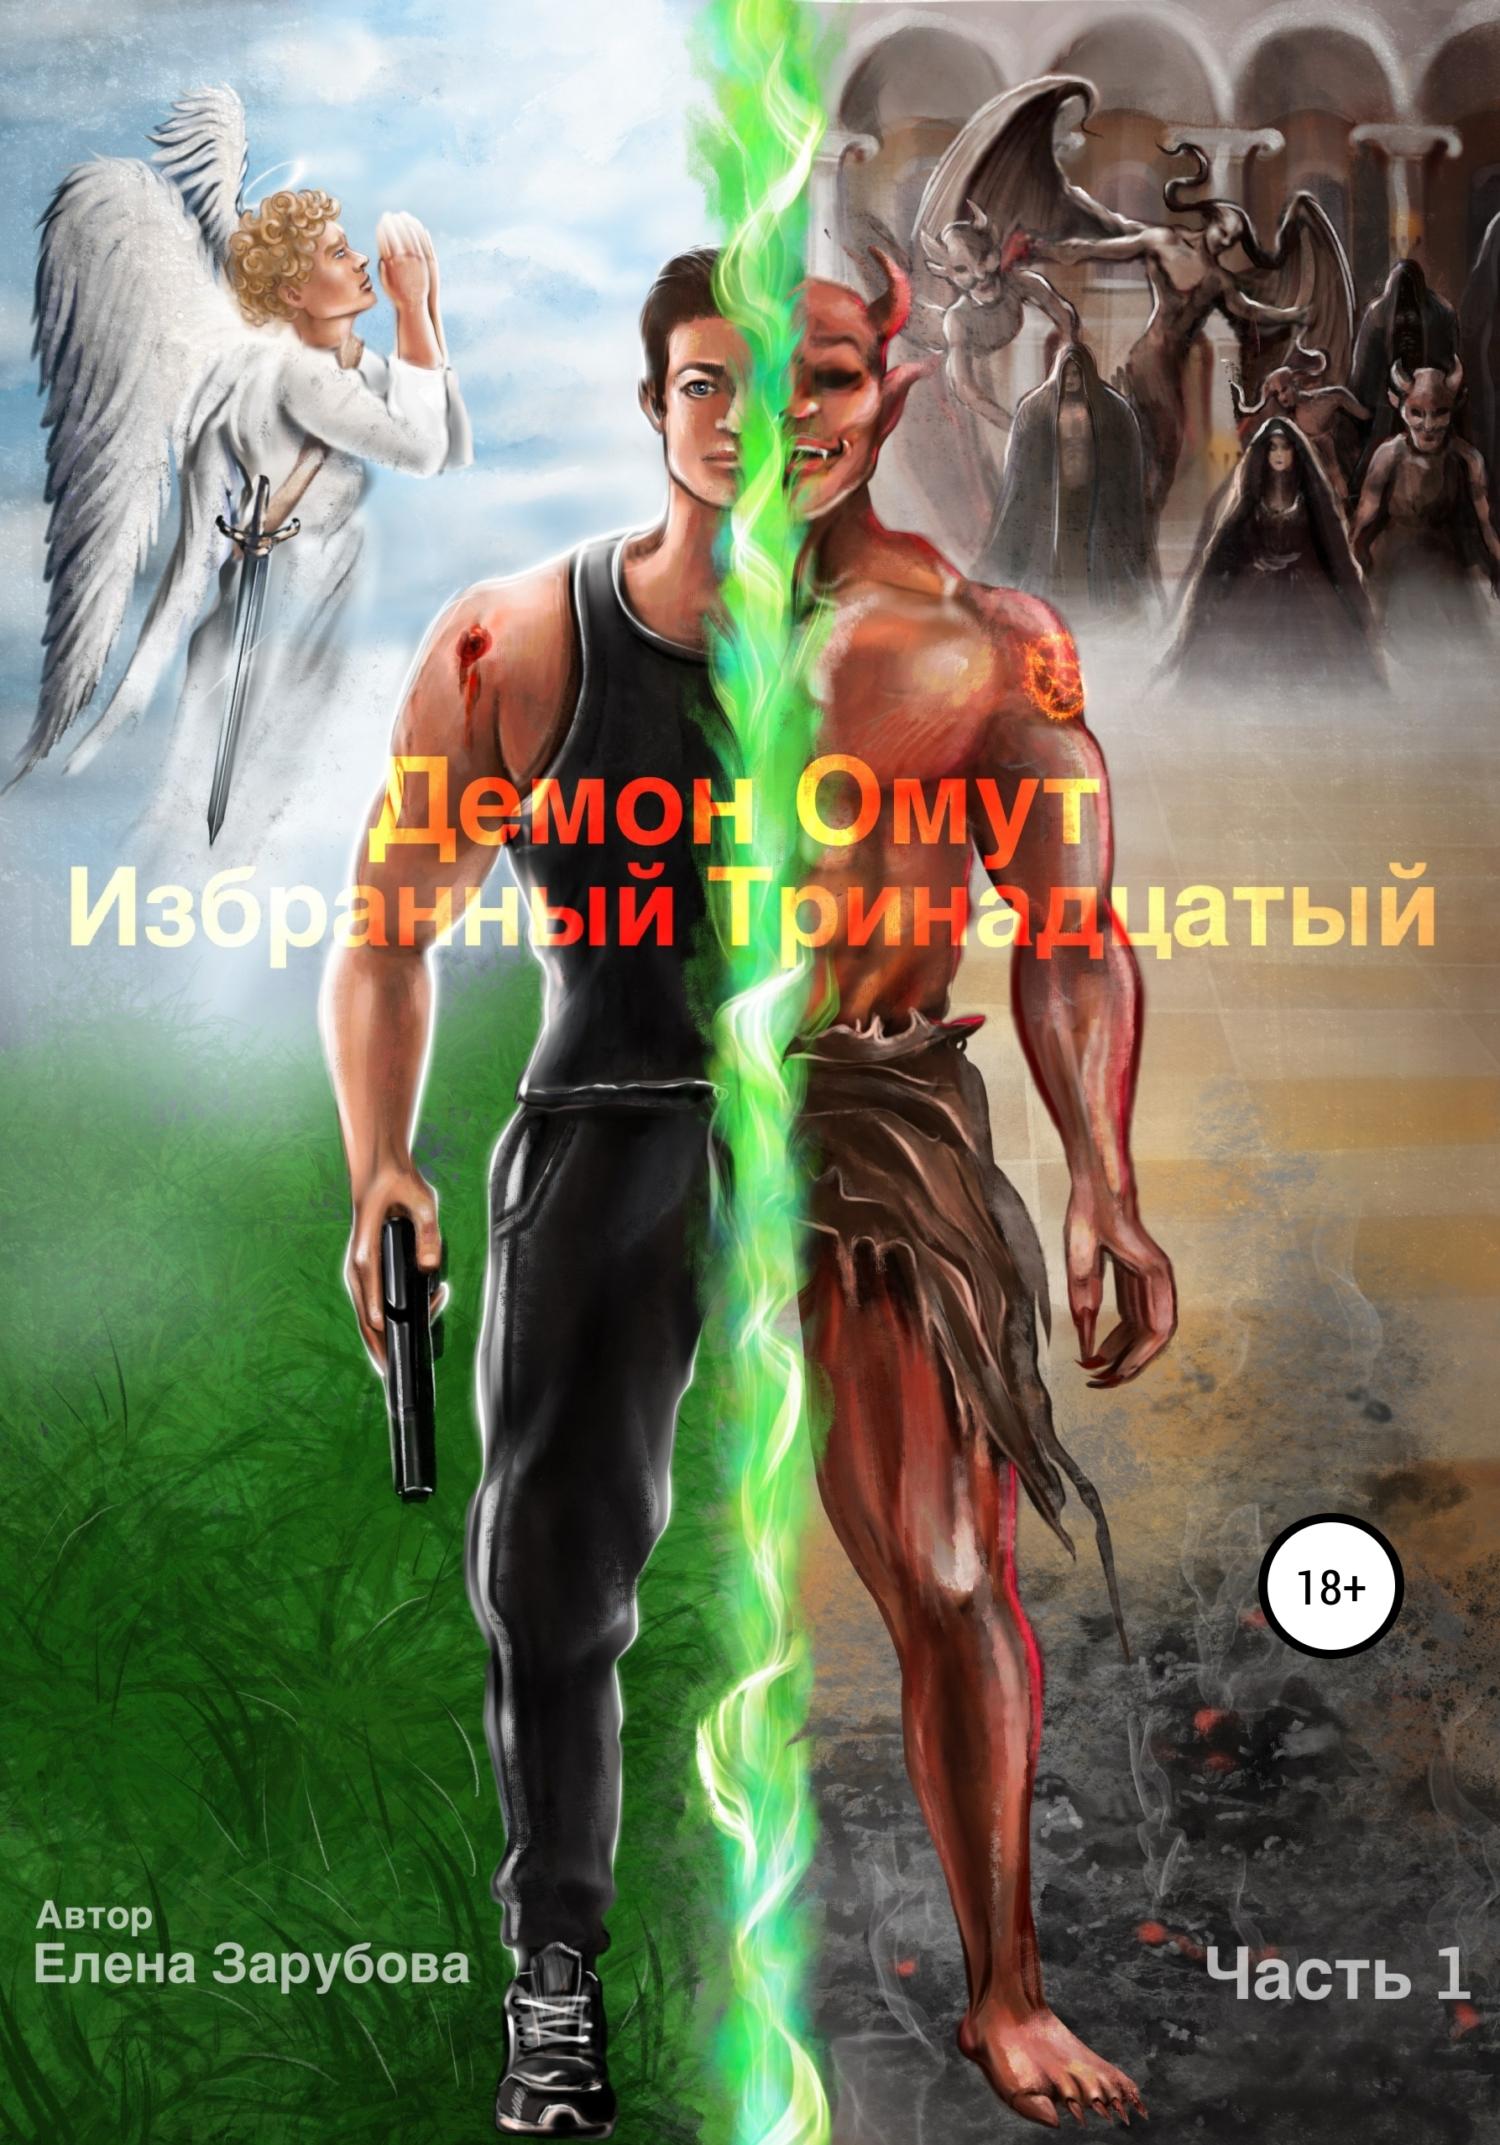 Елена Сергеевна Зарубова Демон Омут Часть 1 Изгой омут времени